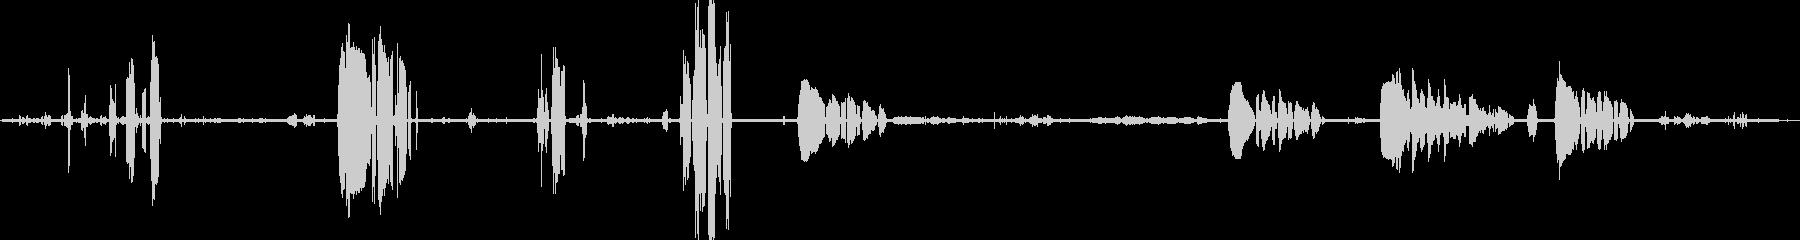 ペンギン、ゲントー、バード; DI...の未再生の波形